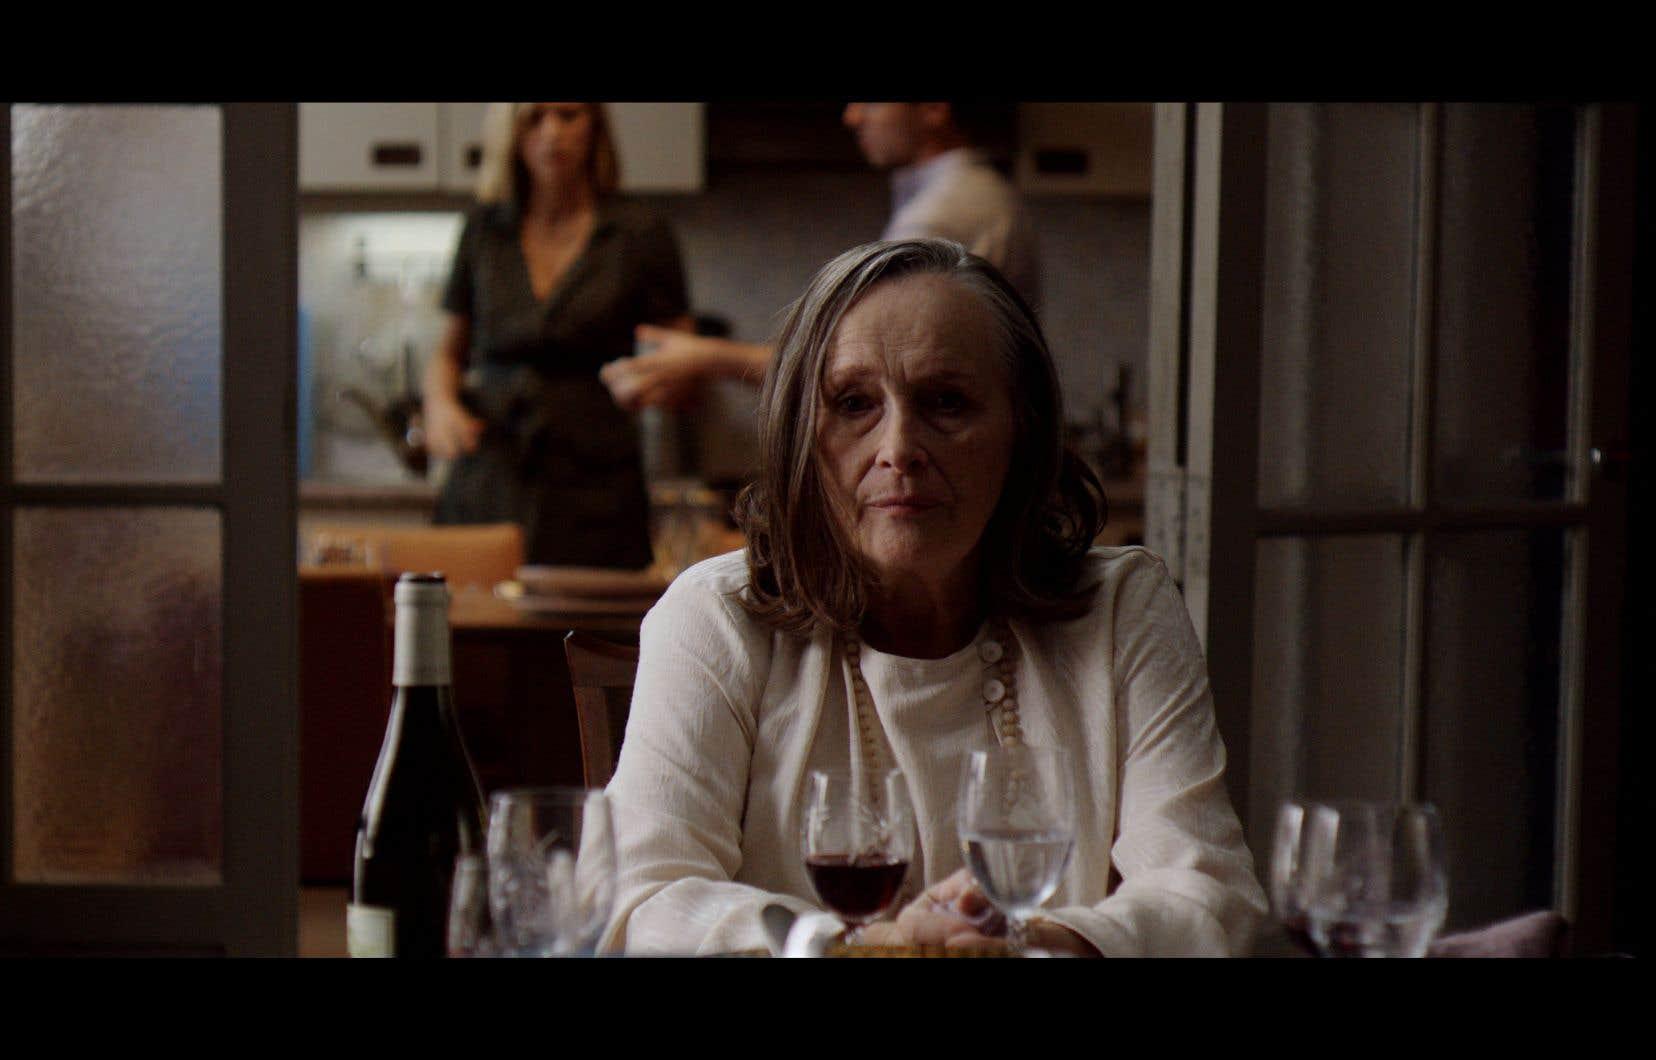 Muette, mais éminemment expressive, Martine Chevallier compose une Mado marquée par des drames enfouis et des aspirations tues.